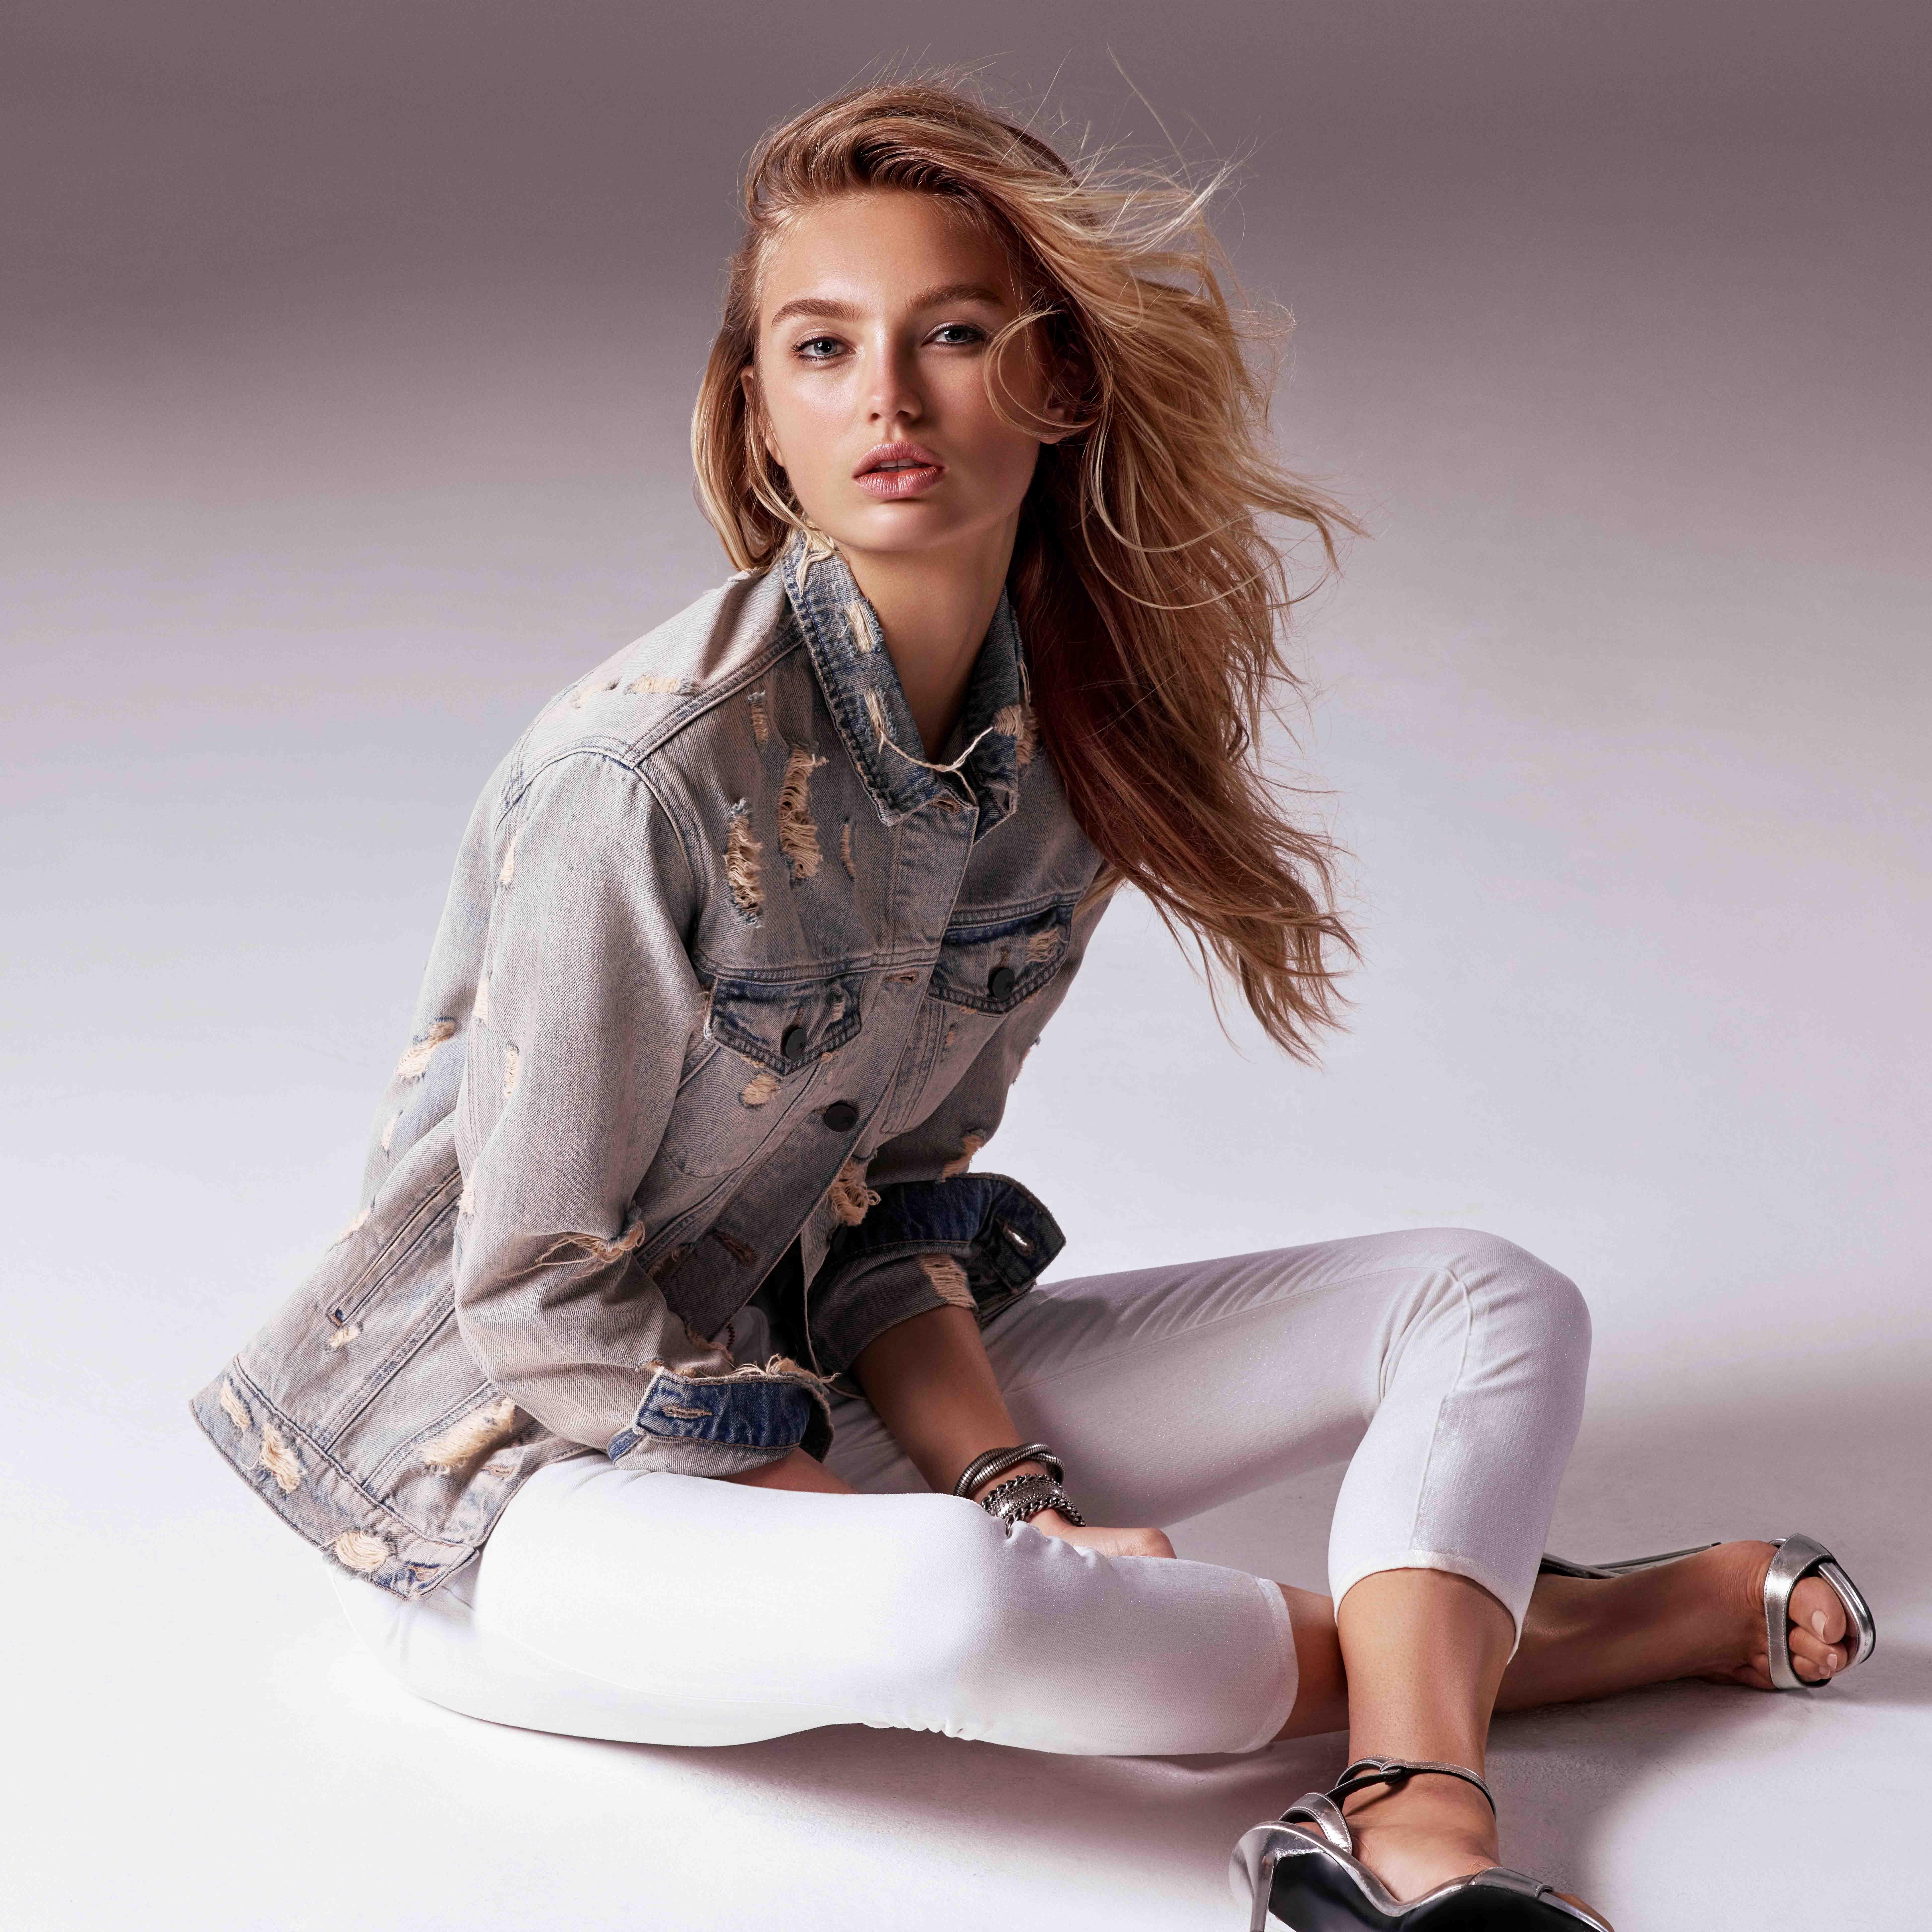 Die neue Mavi Jeans Kampagne mit Romee Strijd